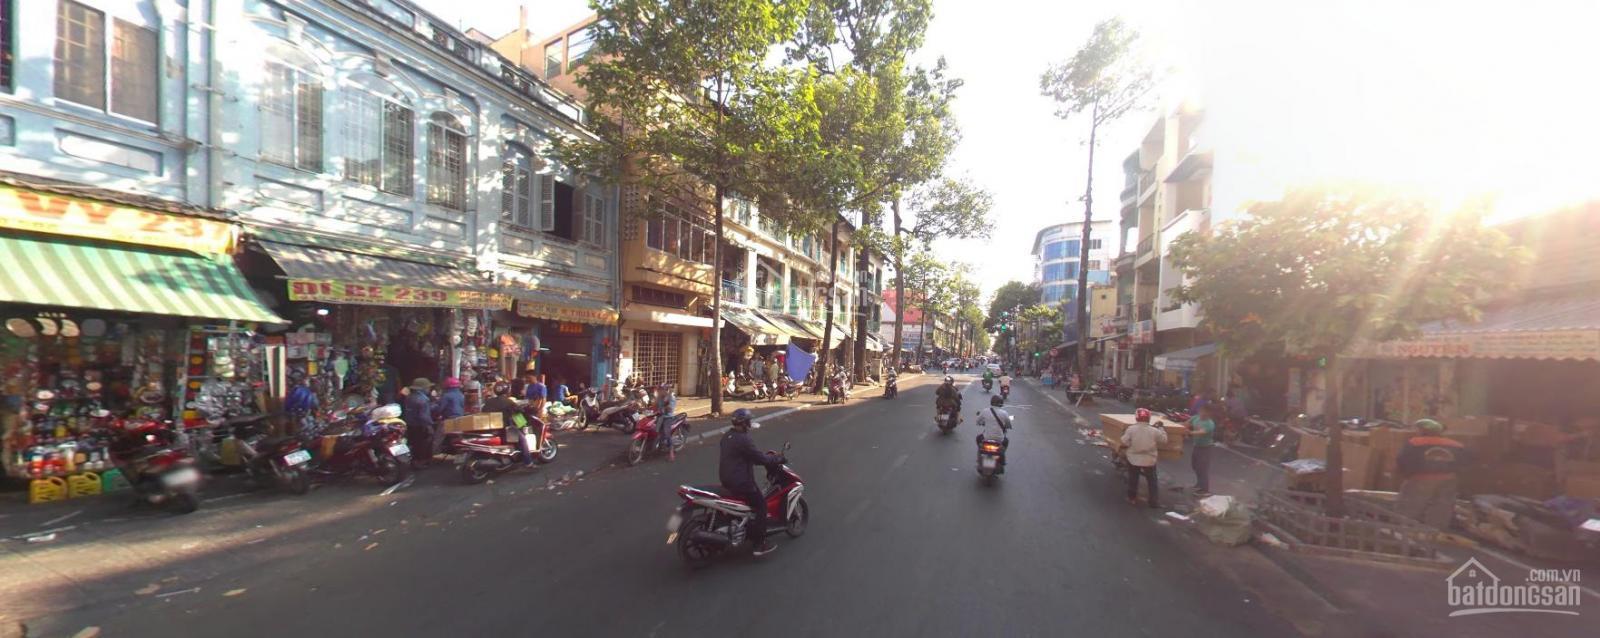 Đường Nguyễn Huy Tự tại Quận 1